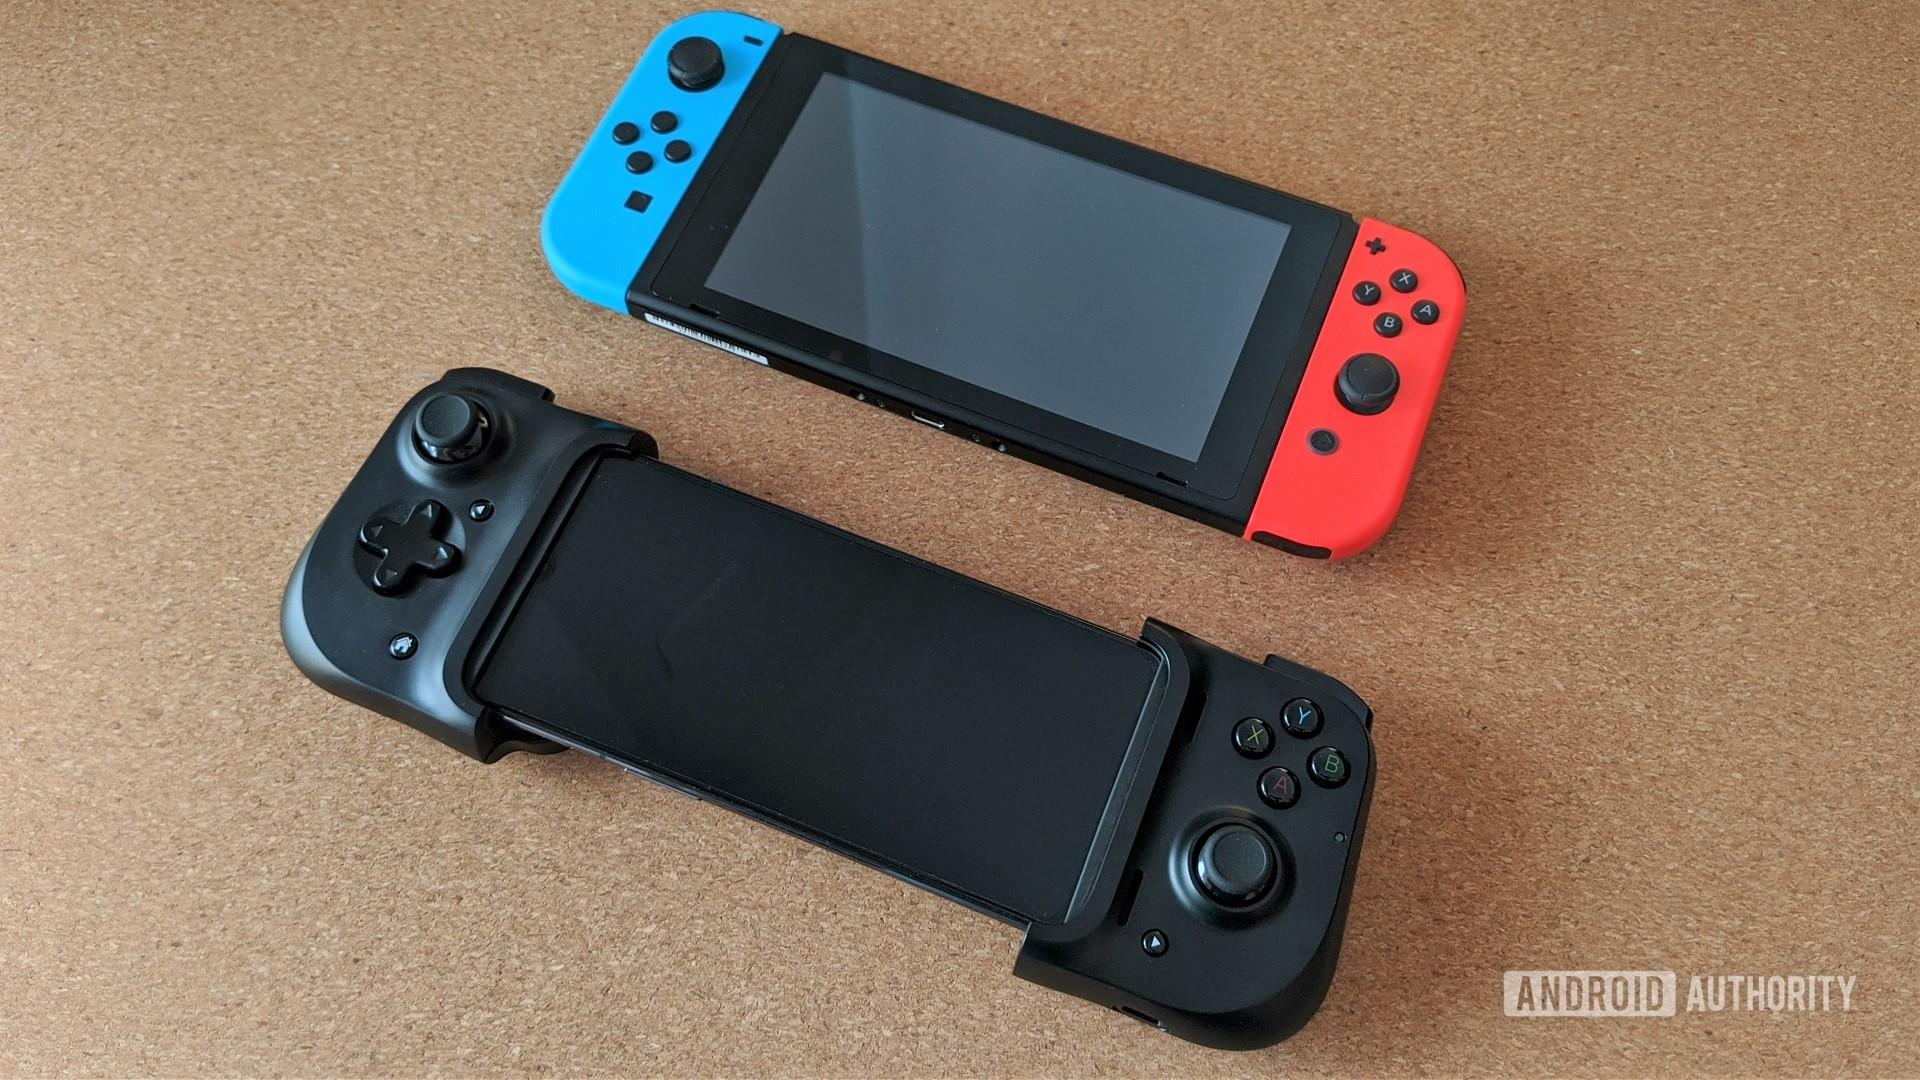 Razer Kishi and Nintendo Switch